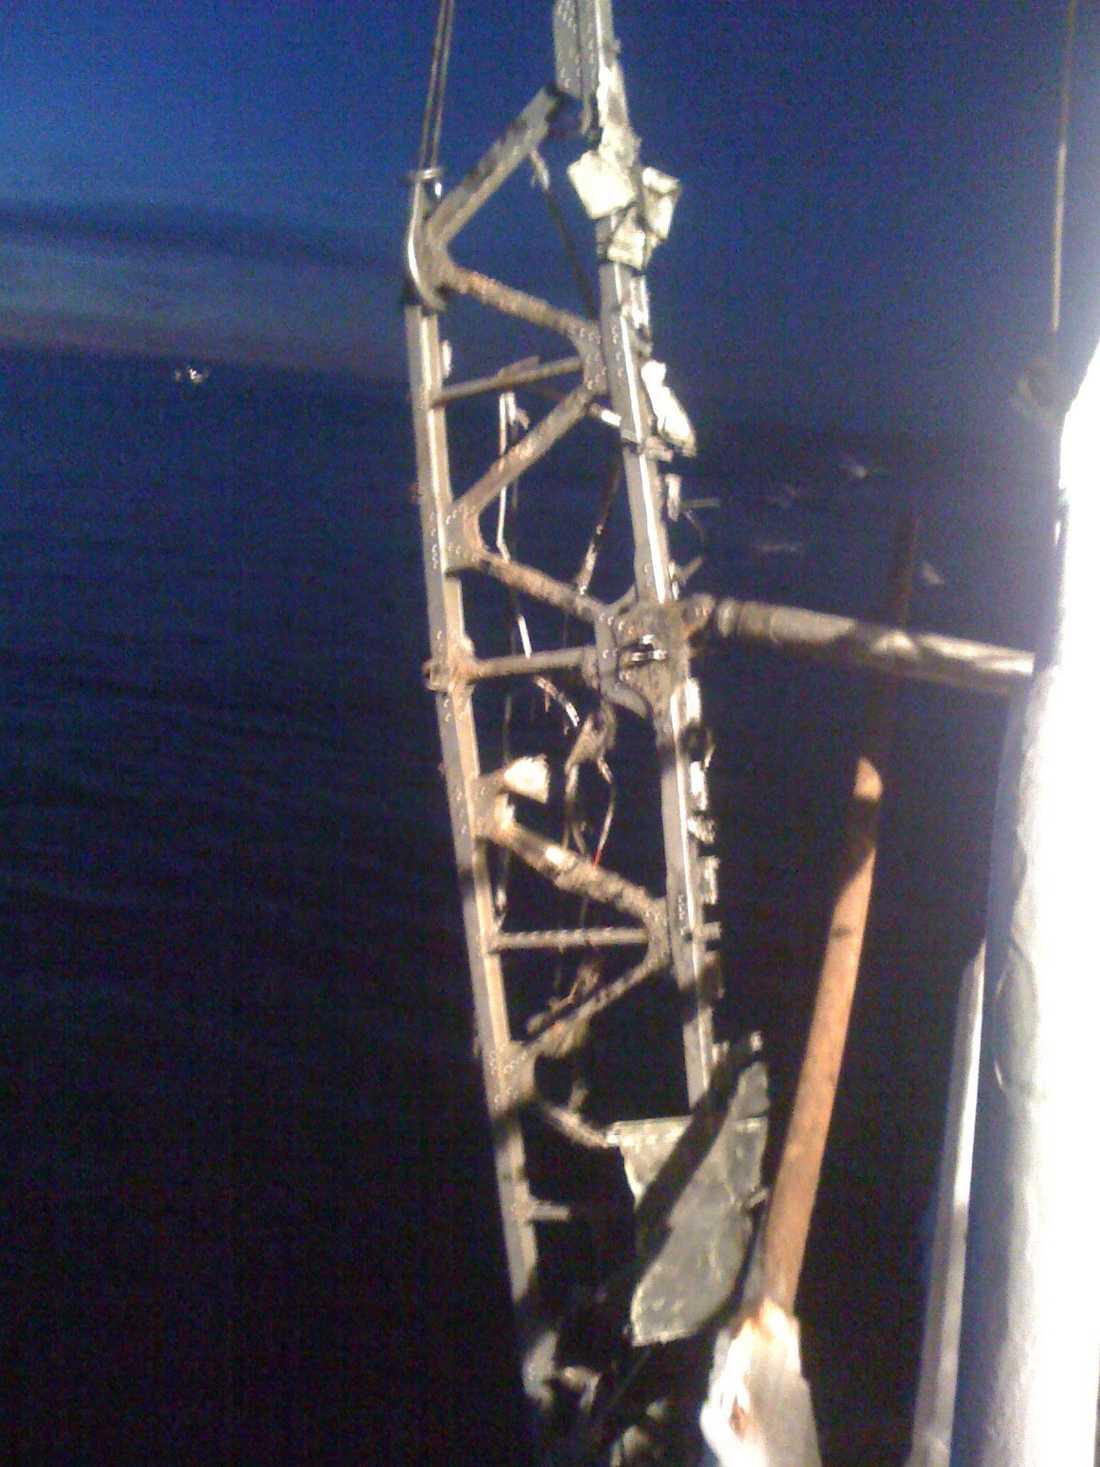 Bilden visar vingen som hänger i en kran på sidan av fartyget efter att besättningen fått loss den från trålen. –Det man ser är den fem meter långa balken som sticker ut ur vingen där vingen brutits loss. Efter balken fortsätter vingen ca 10-12 meter ned i vattnet där själva vingprofilen är, som inte syns i bild, säger en fiskare på båten.